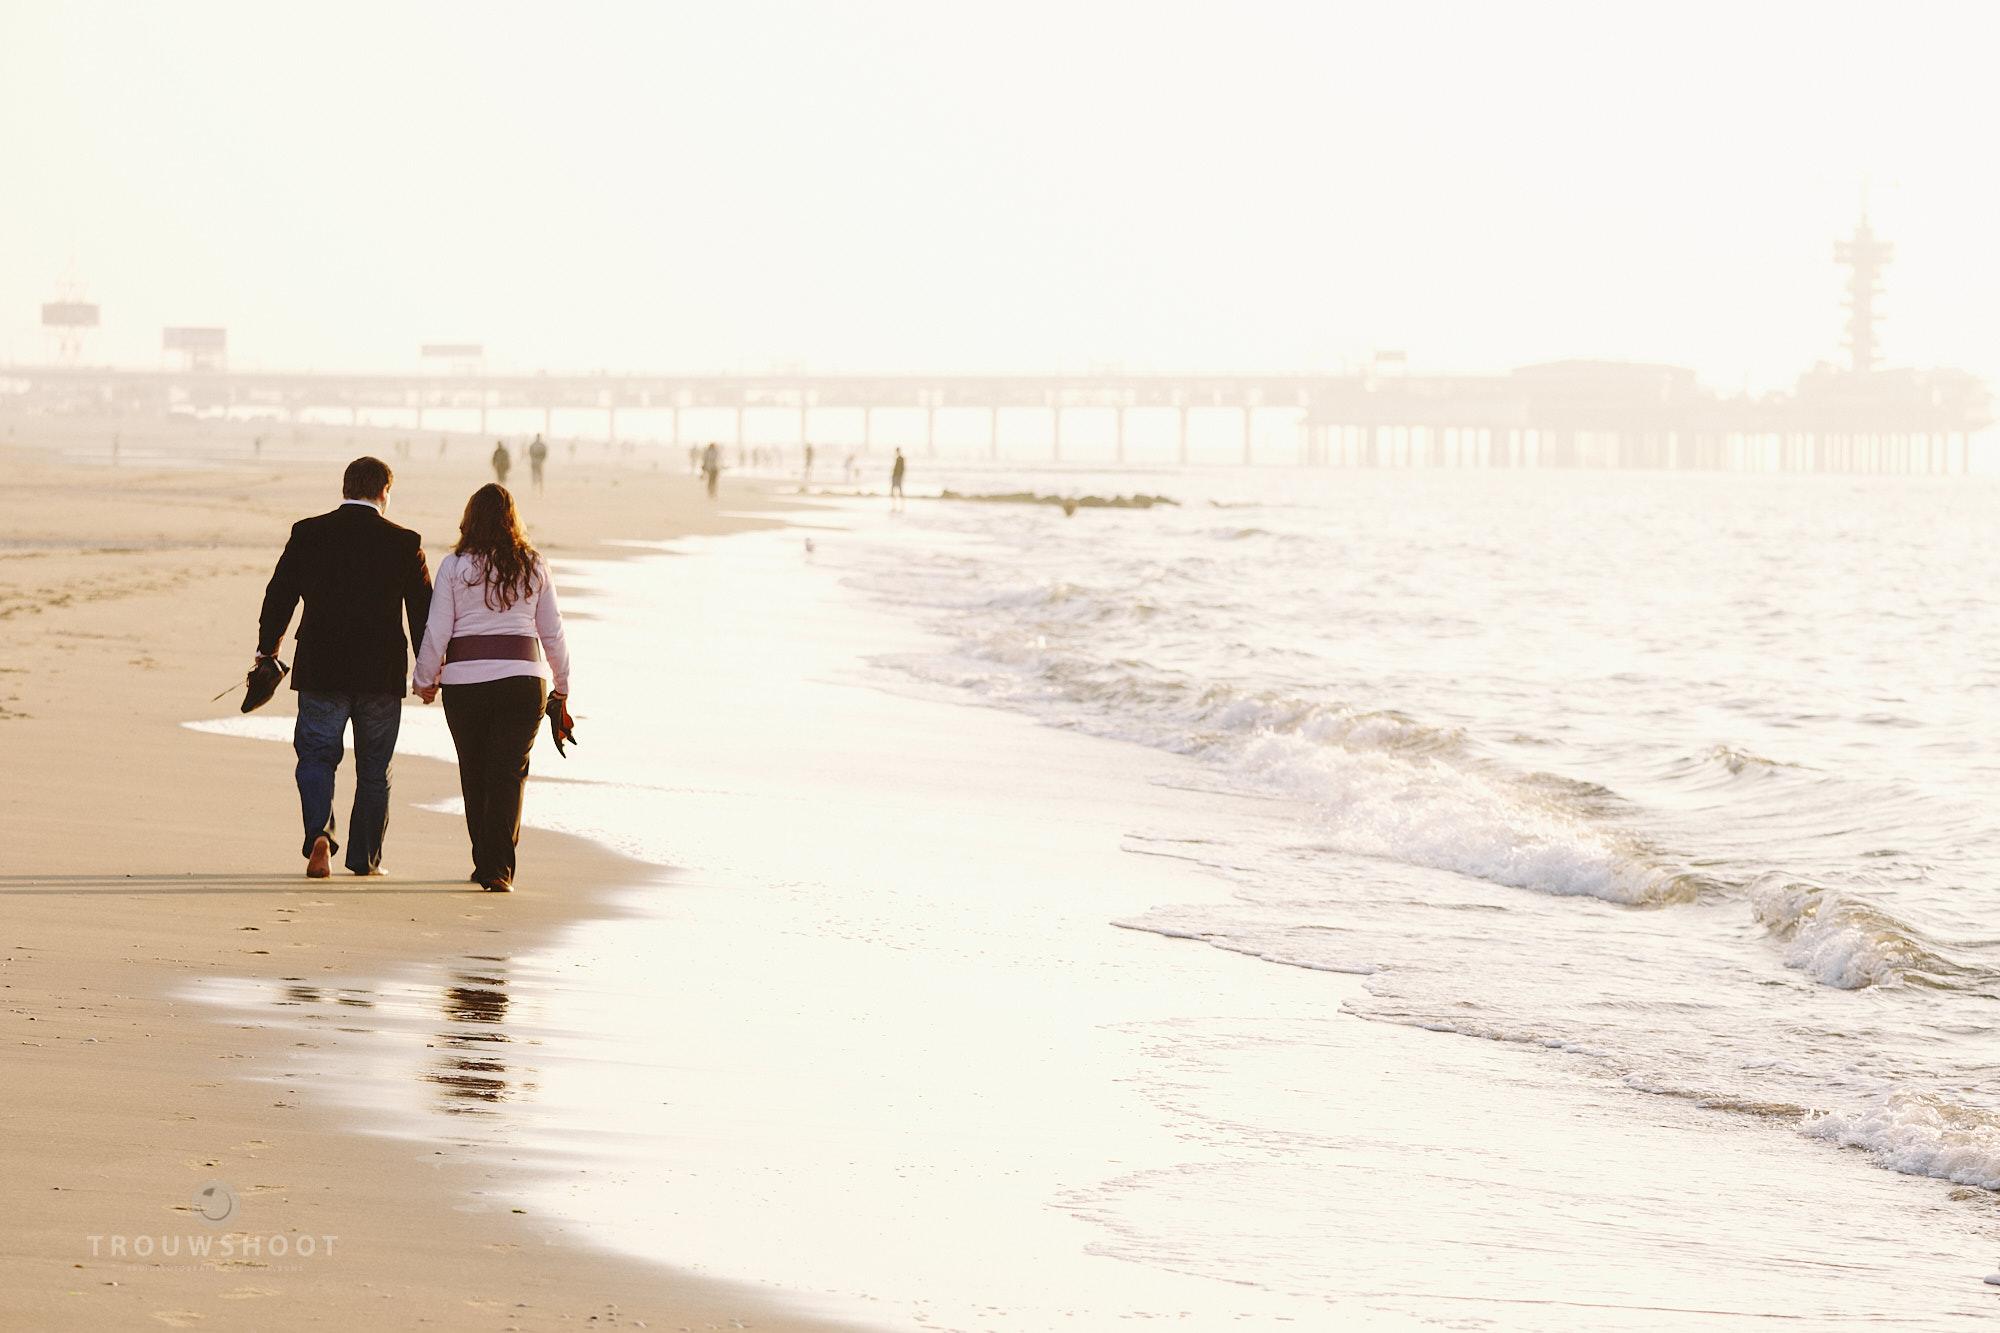 trouwshoot loveshoot op het strand van Scheveningen